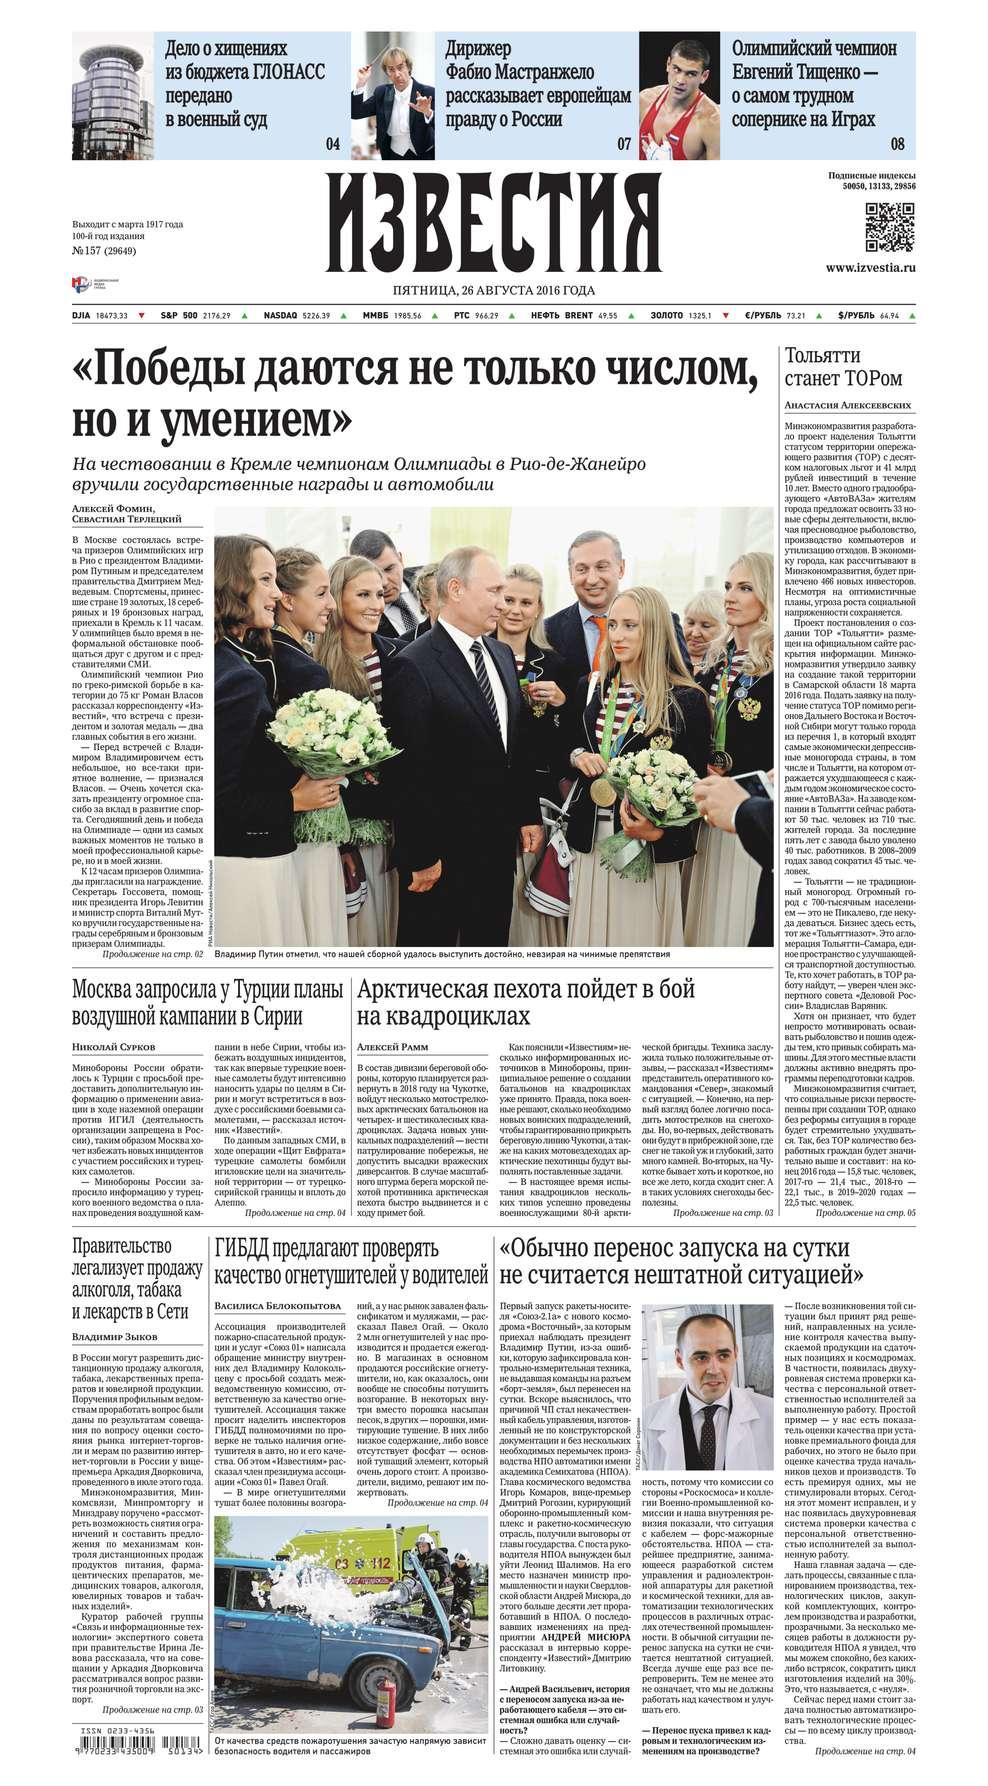 Редакция газеты Известия Известия 157-2016